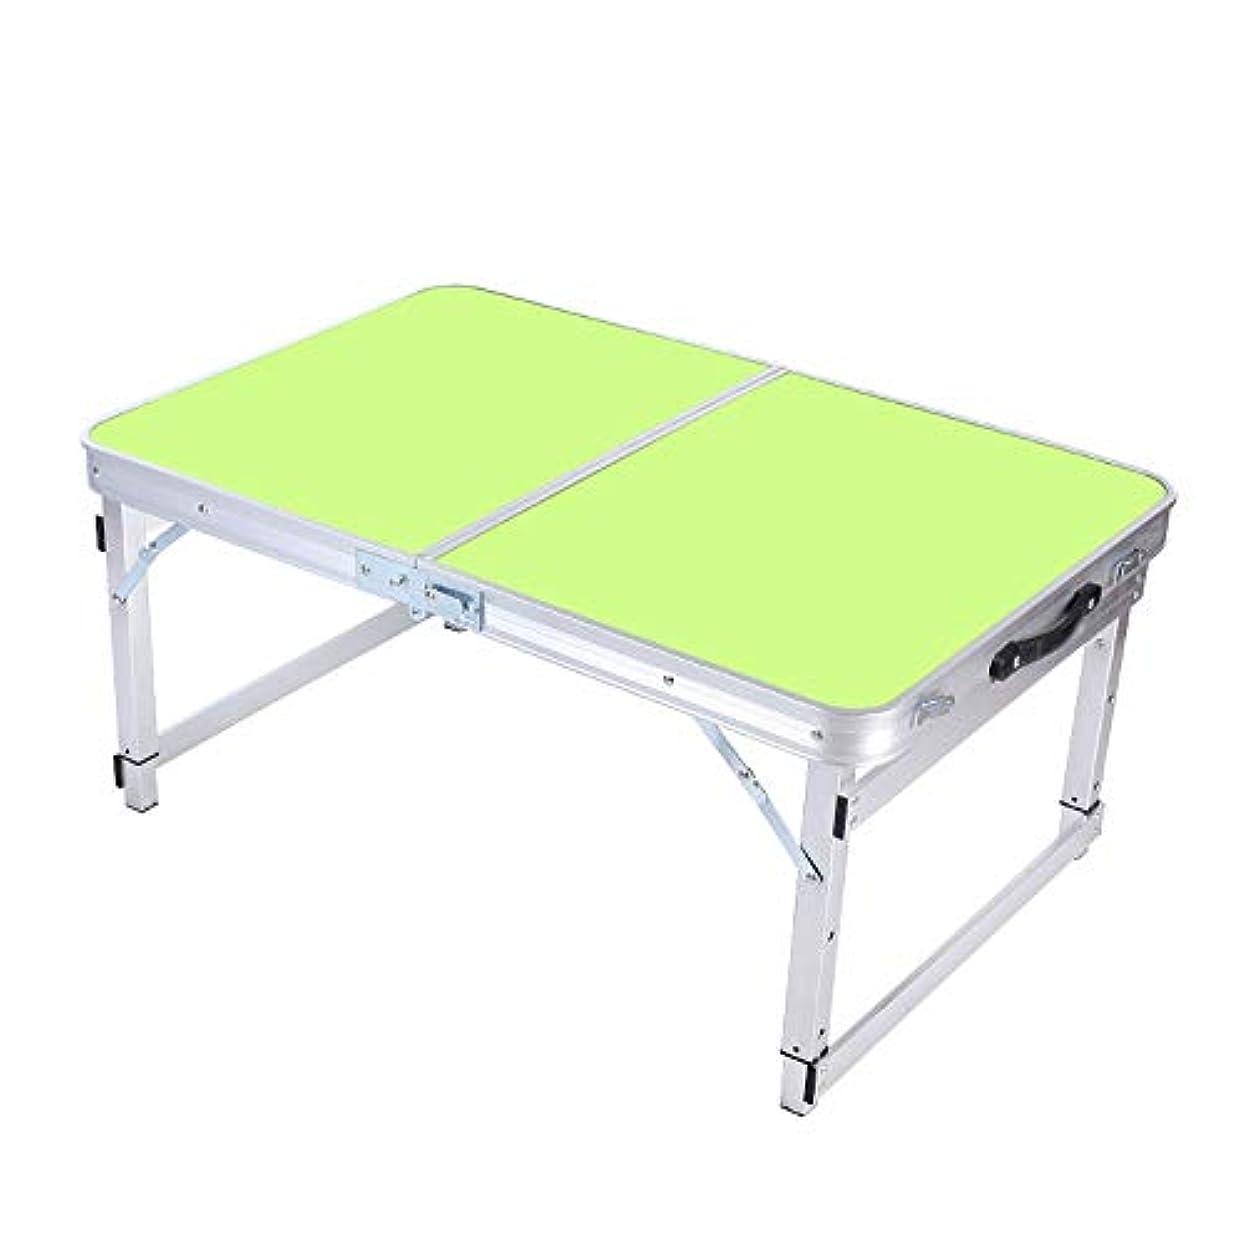 ワックス下向きゆりZR 高密度木製の折りたたみ式テーブル、屋外の携帯用アルミ合金のキャンプのテーブル、多機能調節可能な高低のピクニック用のテーブル (色 : 黄)